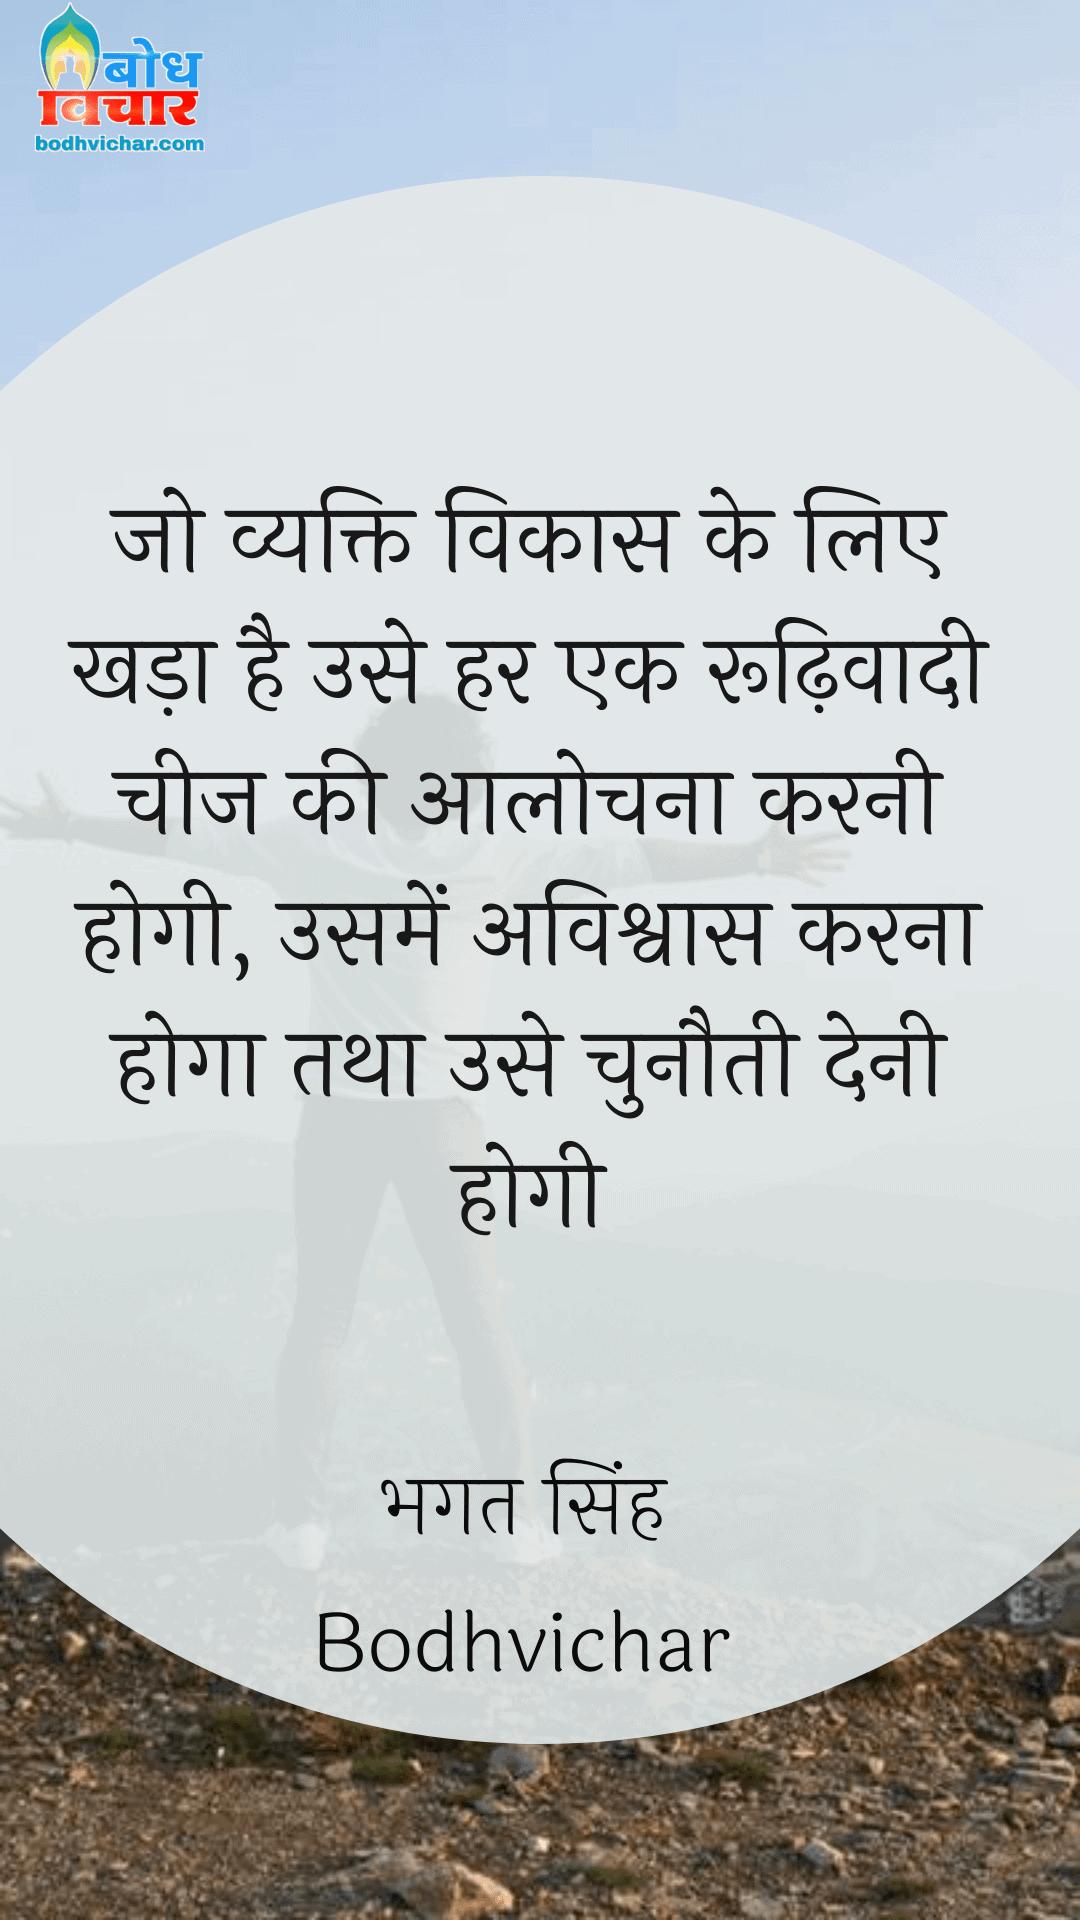 जो व्यक्ति विकास के लिए खड़ा है उसे हर एक रूढ़िवादी चीज की आलोचना करनी होगी, उसमें अविश्वास करना होगा तथा उसे चुनौती देनी होगी। : Jo vyakti vikaas ke liye khadaa hai use har rudhivaadi cheez kiaalochna karni hogi, usme avishvaas karna hoga tatha use chunauti deni hogi. - सरदार भगत सिंह